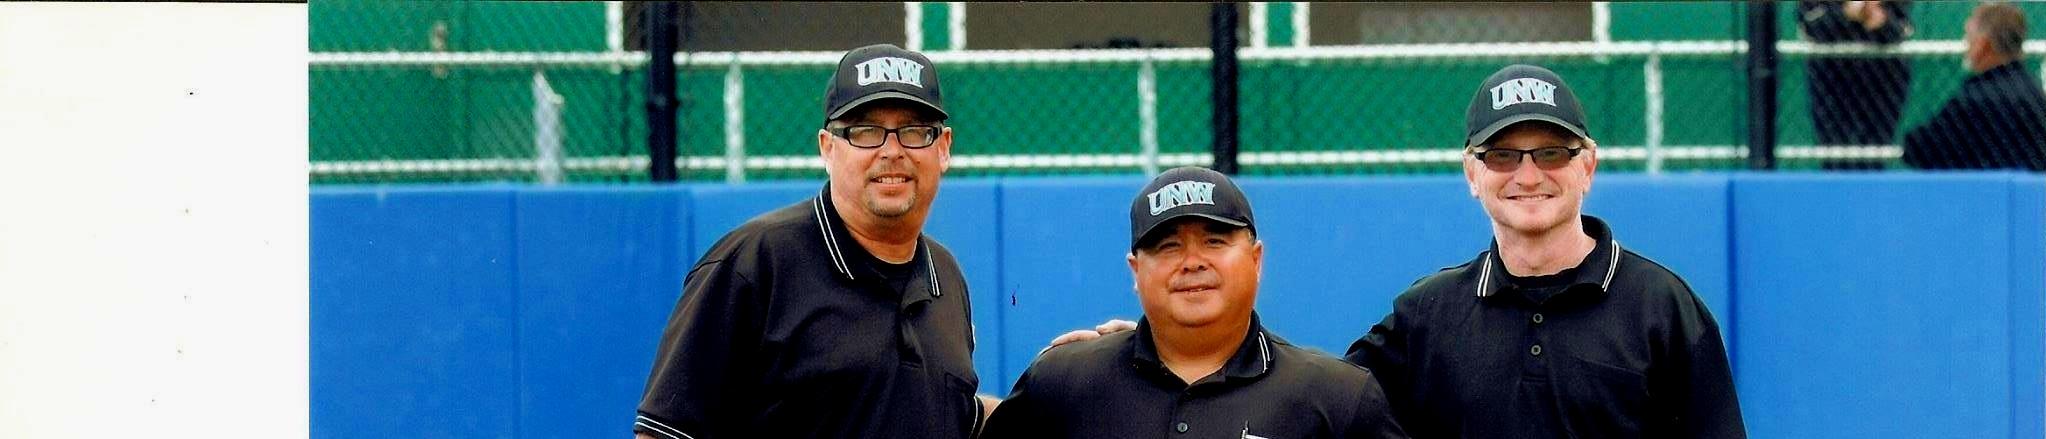 Umpires Northwest LLC